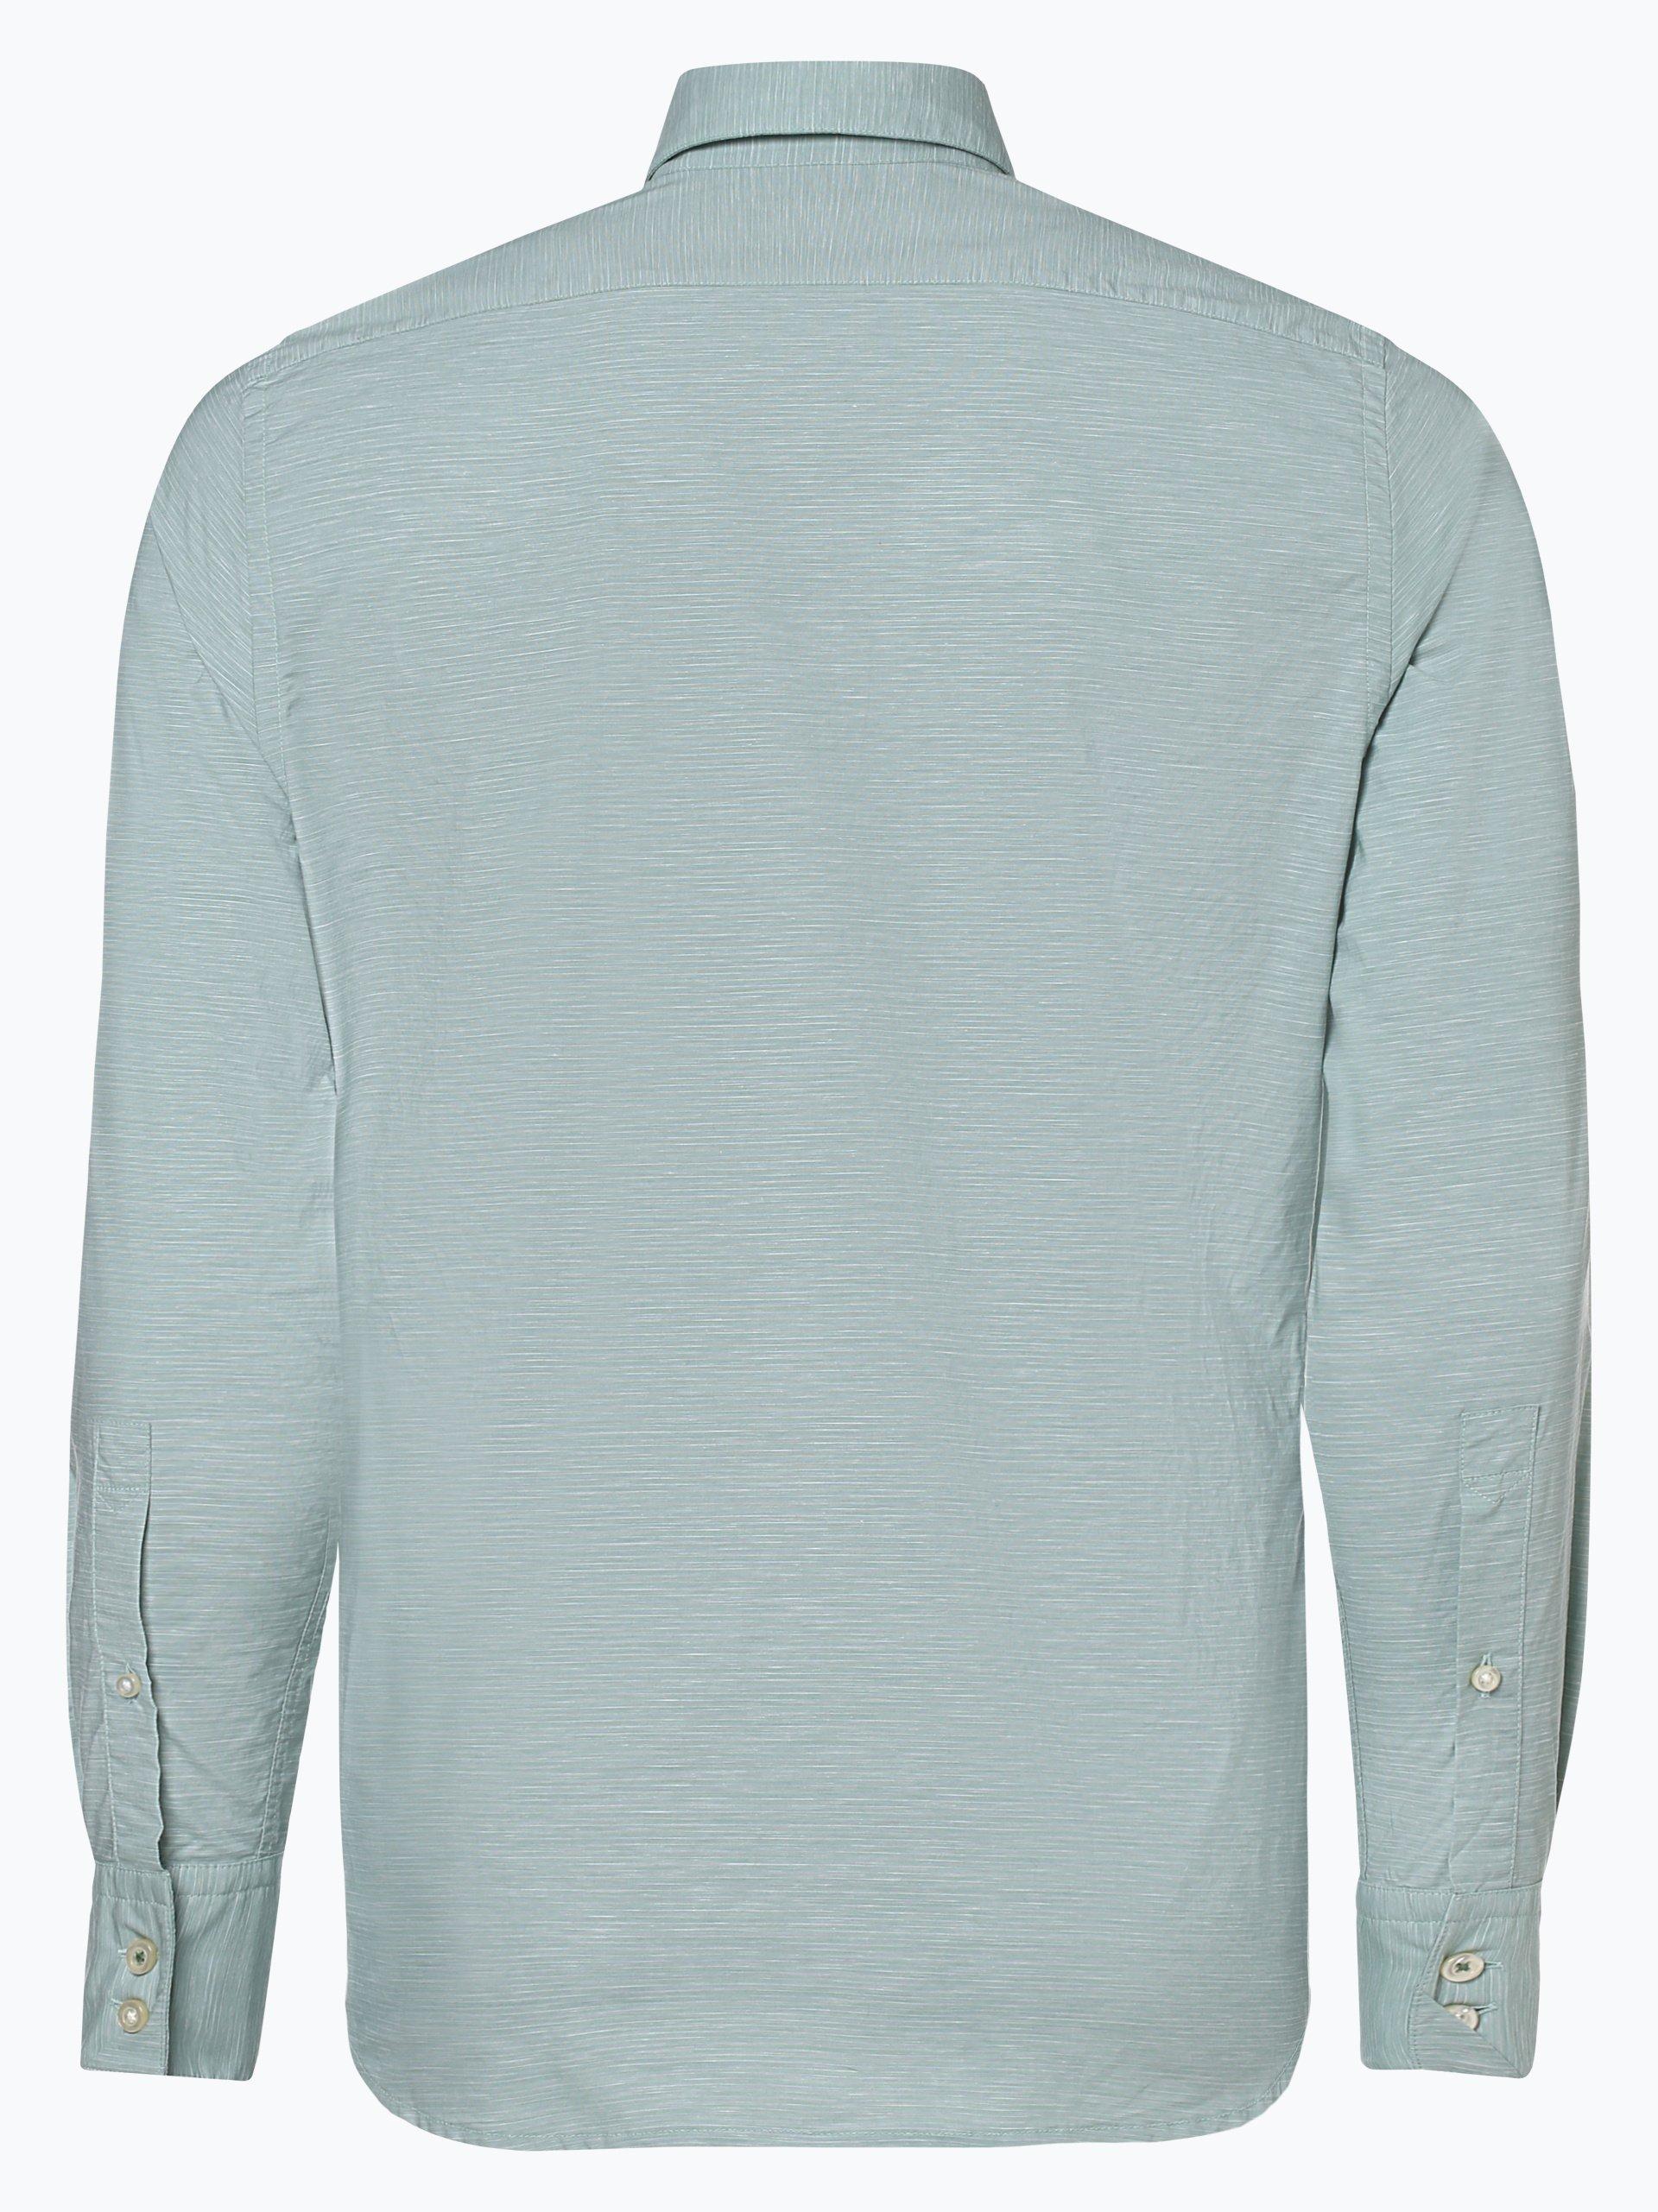 BOSS Casual Koszula męska – Relegant_1